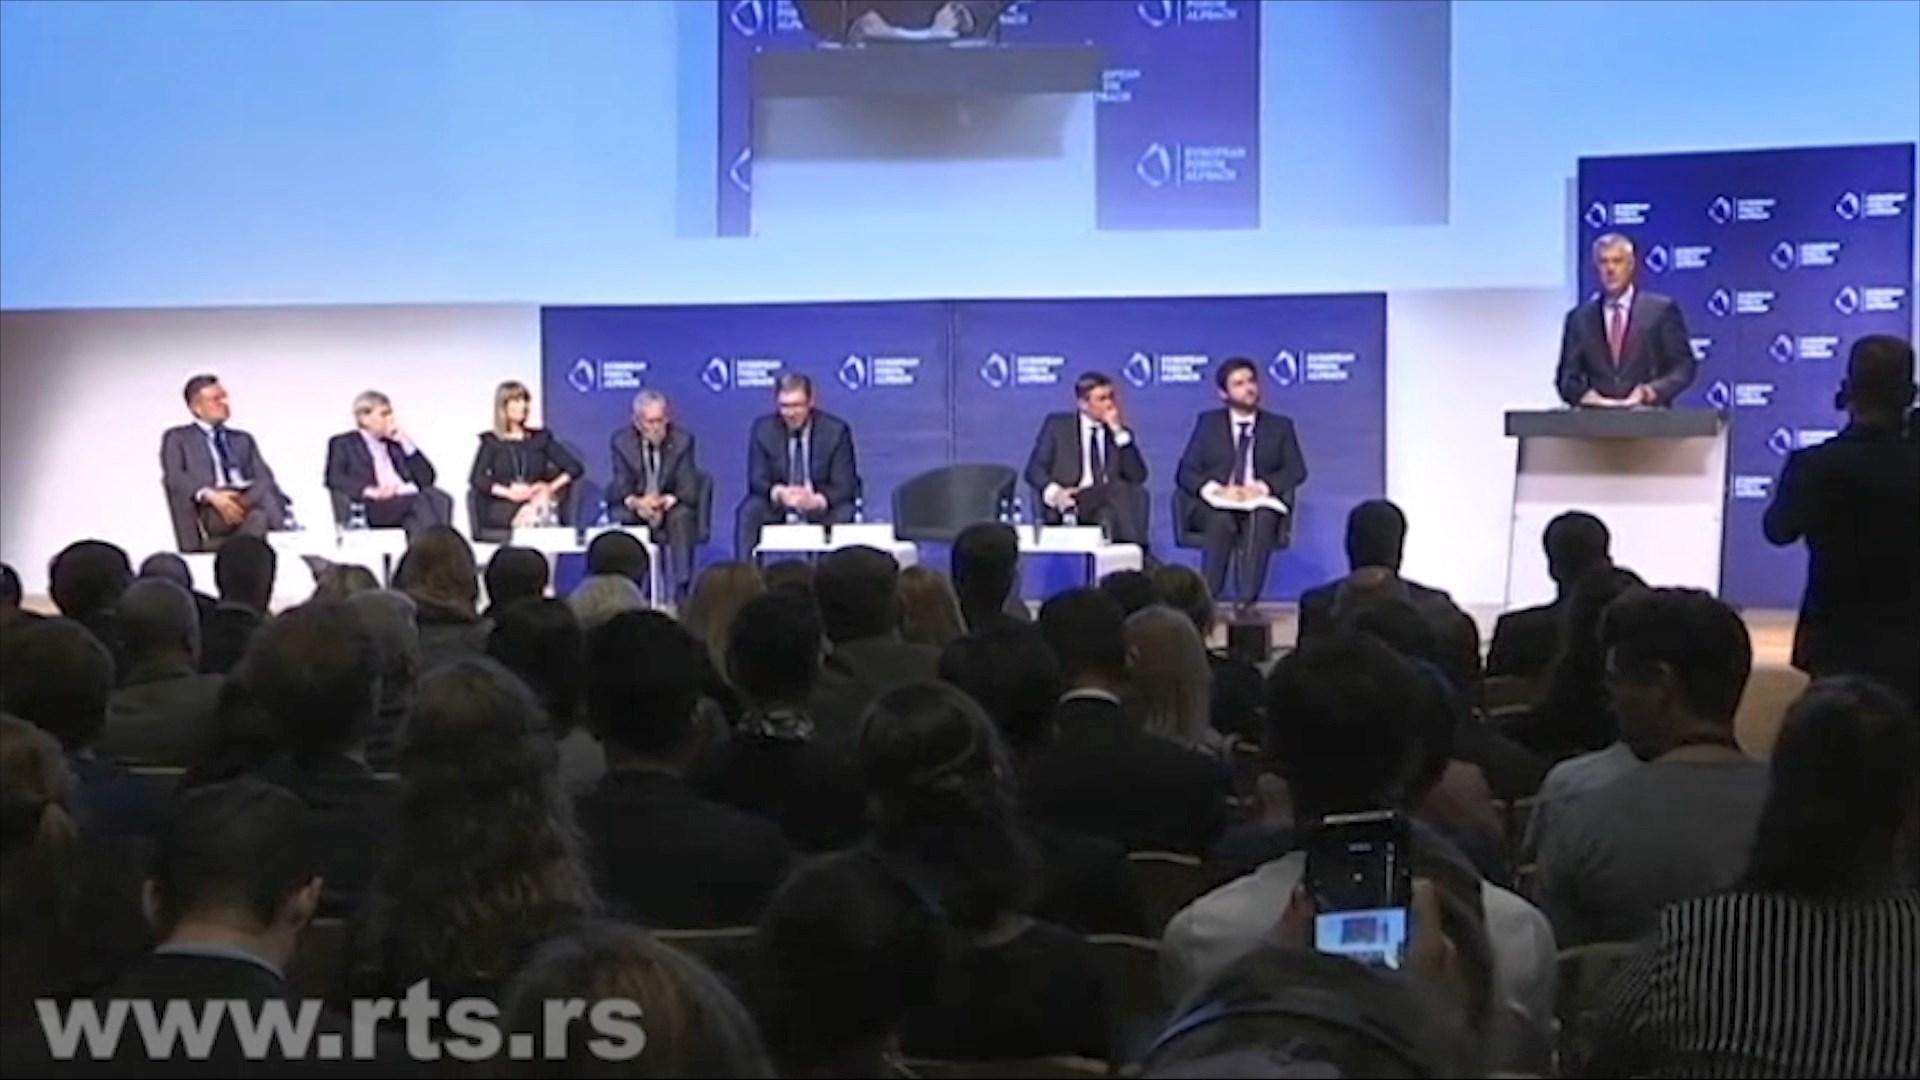 Shtypi Gjerman: Ndryshimi i kufijve në Ballkan hap kutinë e Pandorës!